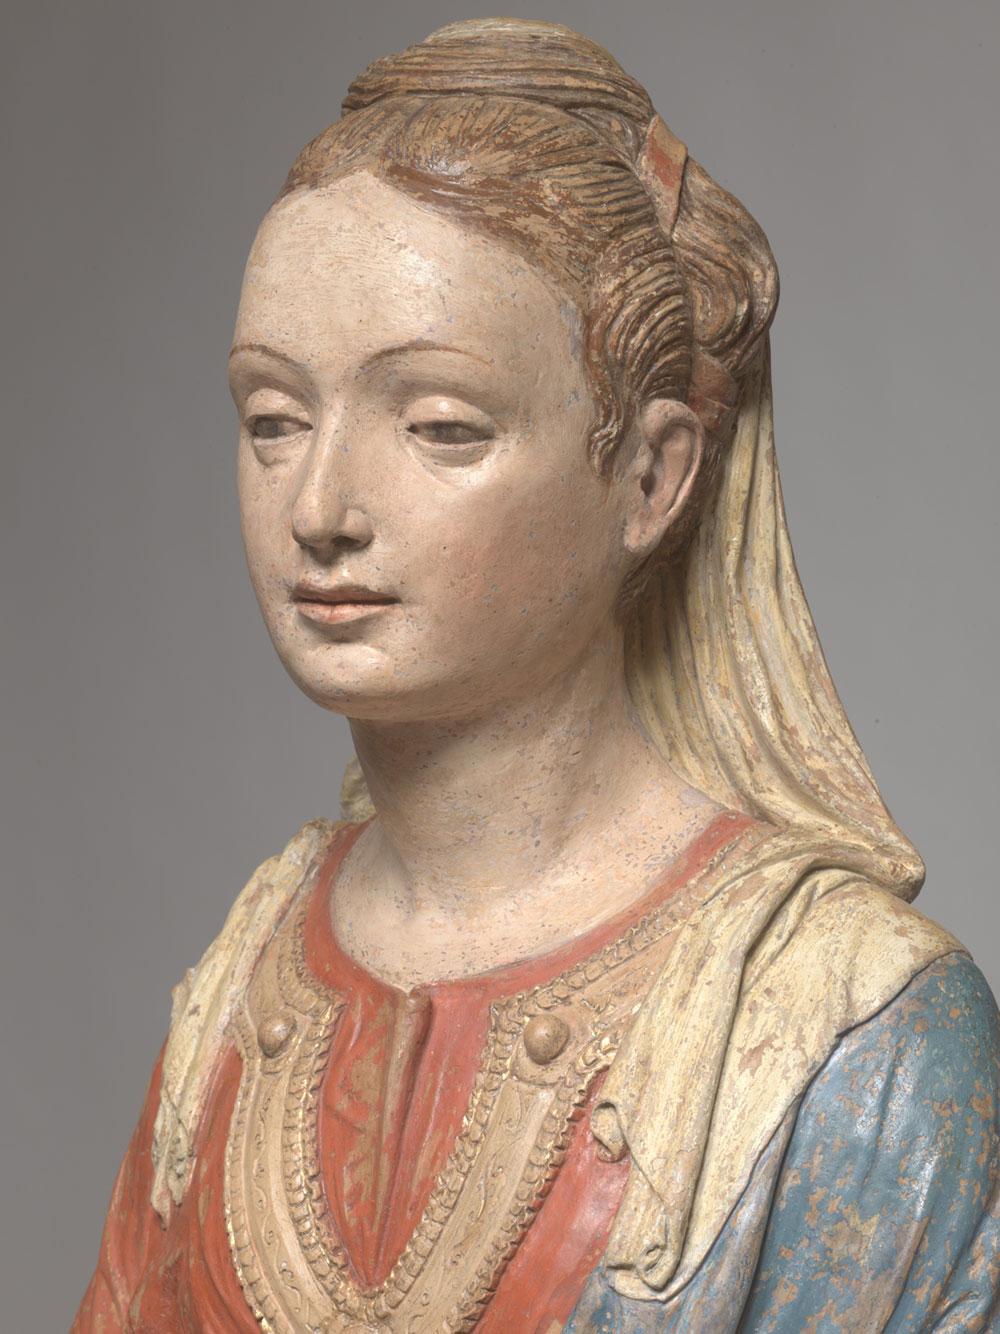 Capolavori rinascimentali in terracotta, da Donatello a Riccio. In mostra a Padova